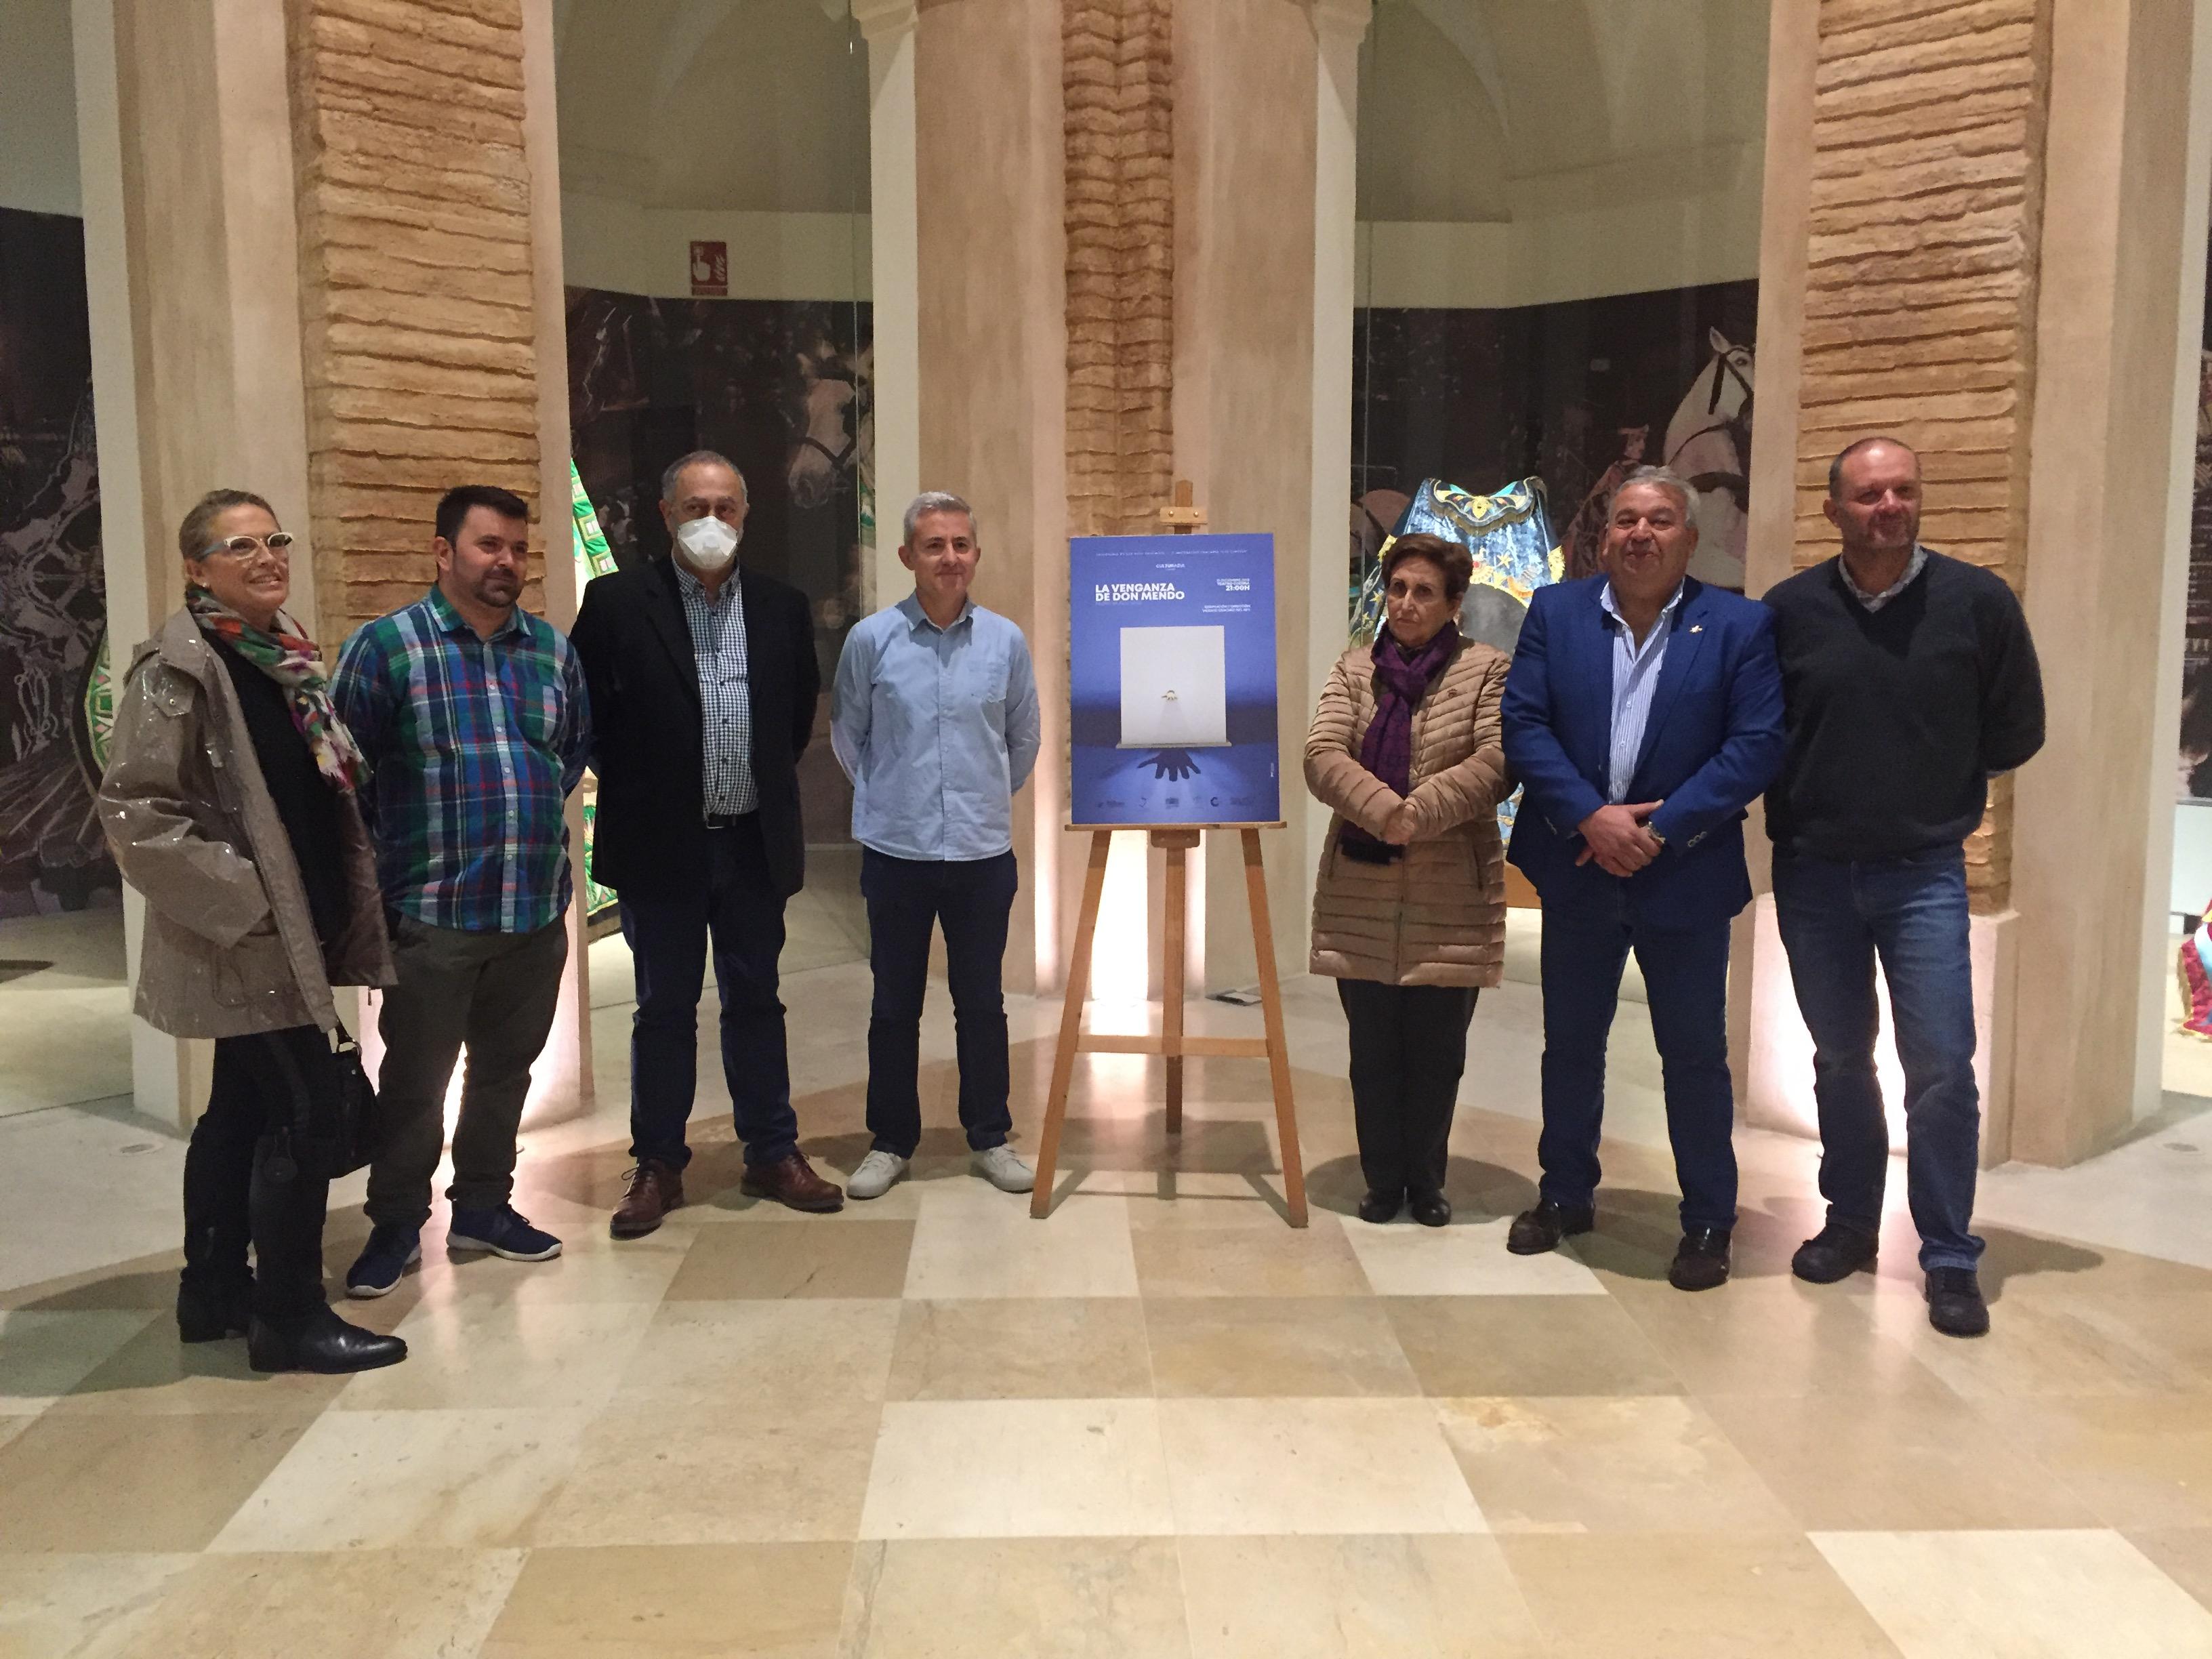 El Grupo de Teatro Las Caretas celebra su 10º cumpleaños con 'La venganza de Don Mendo'